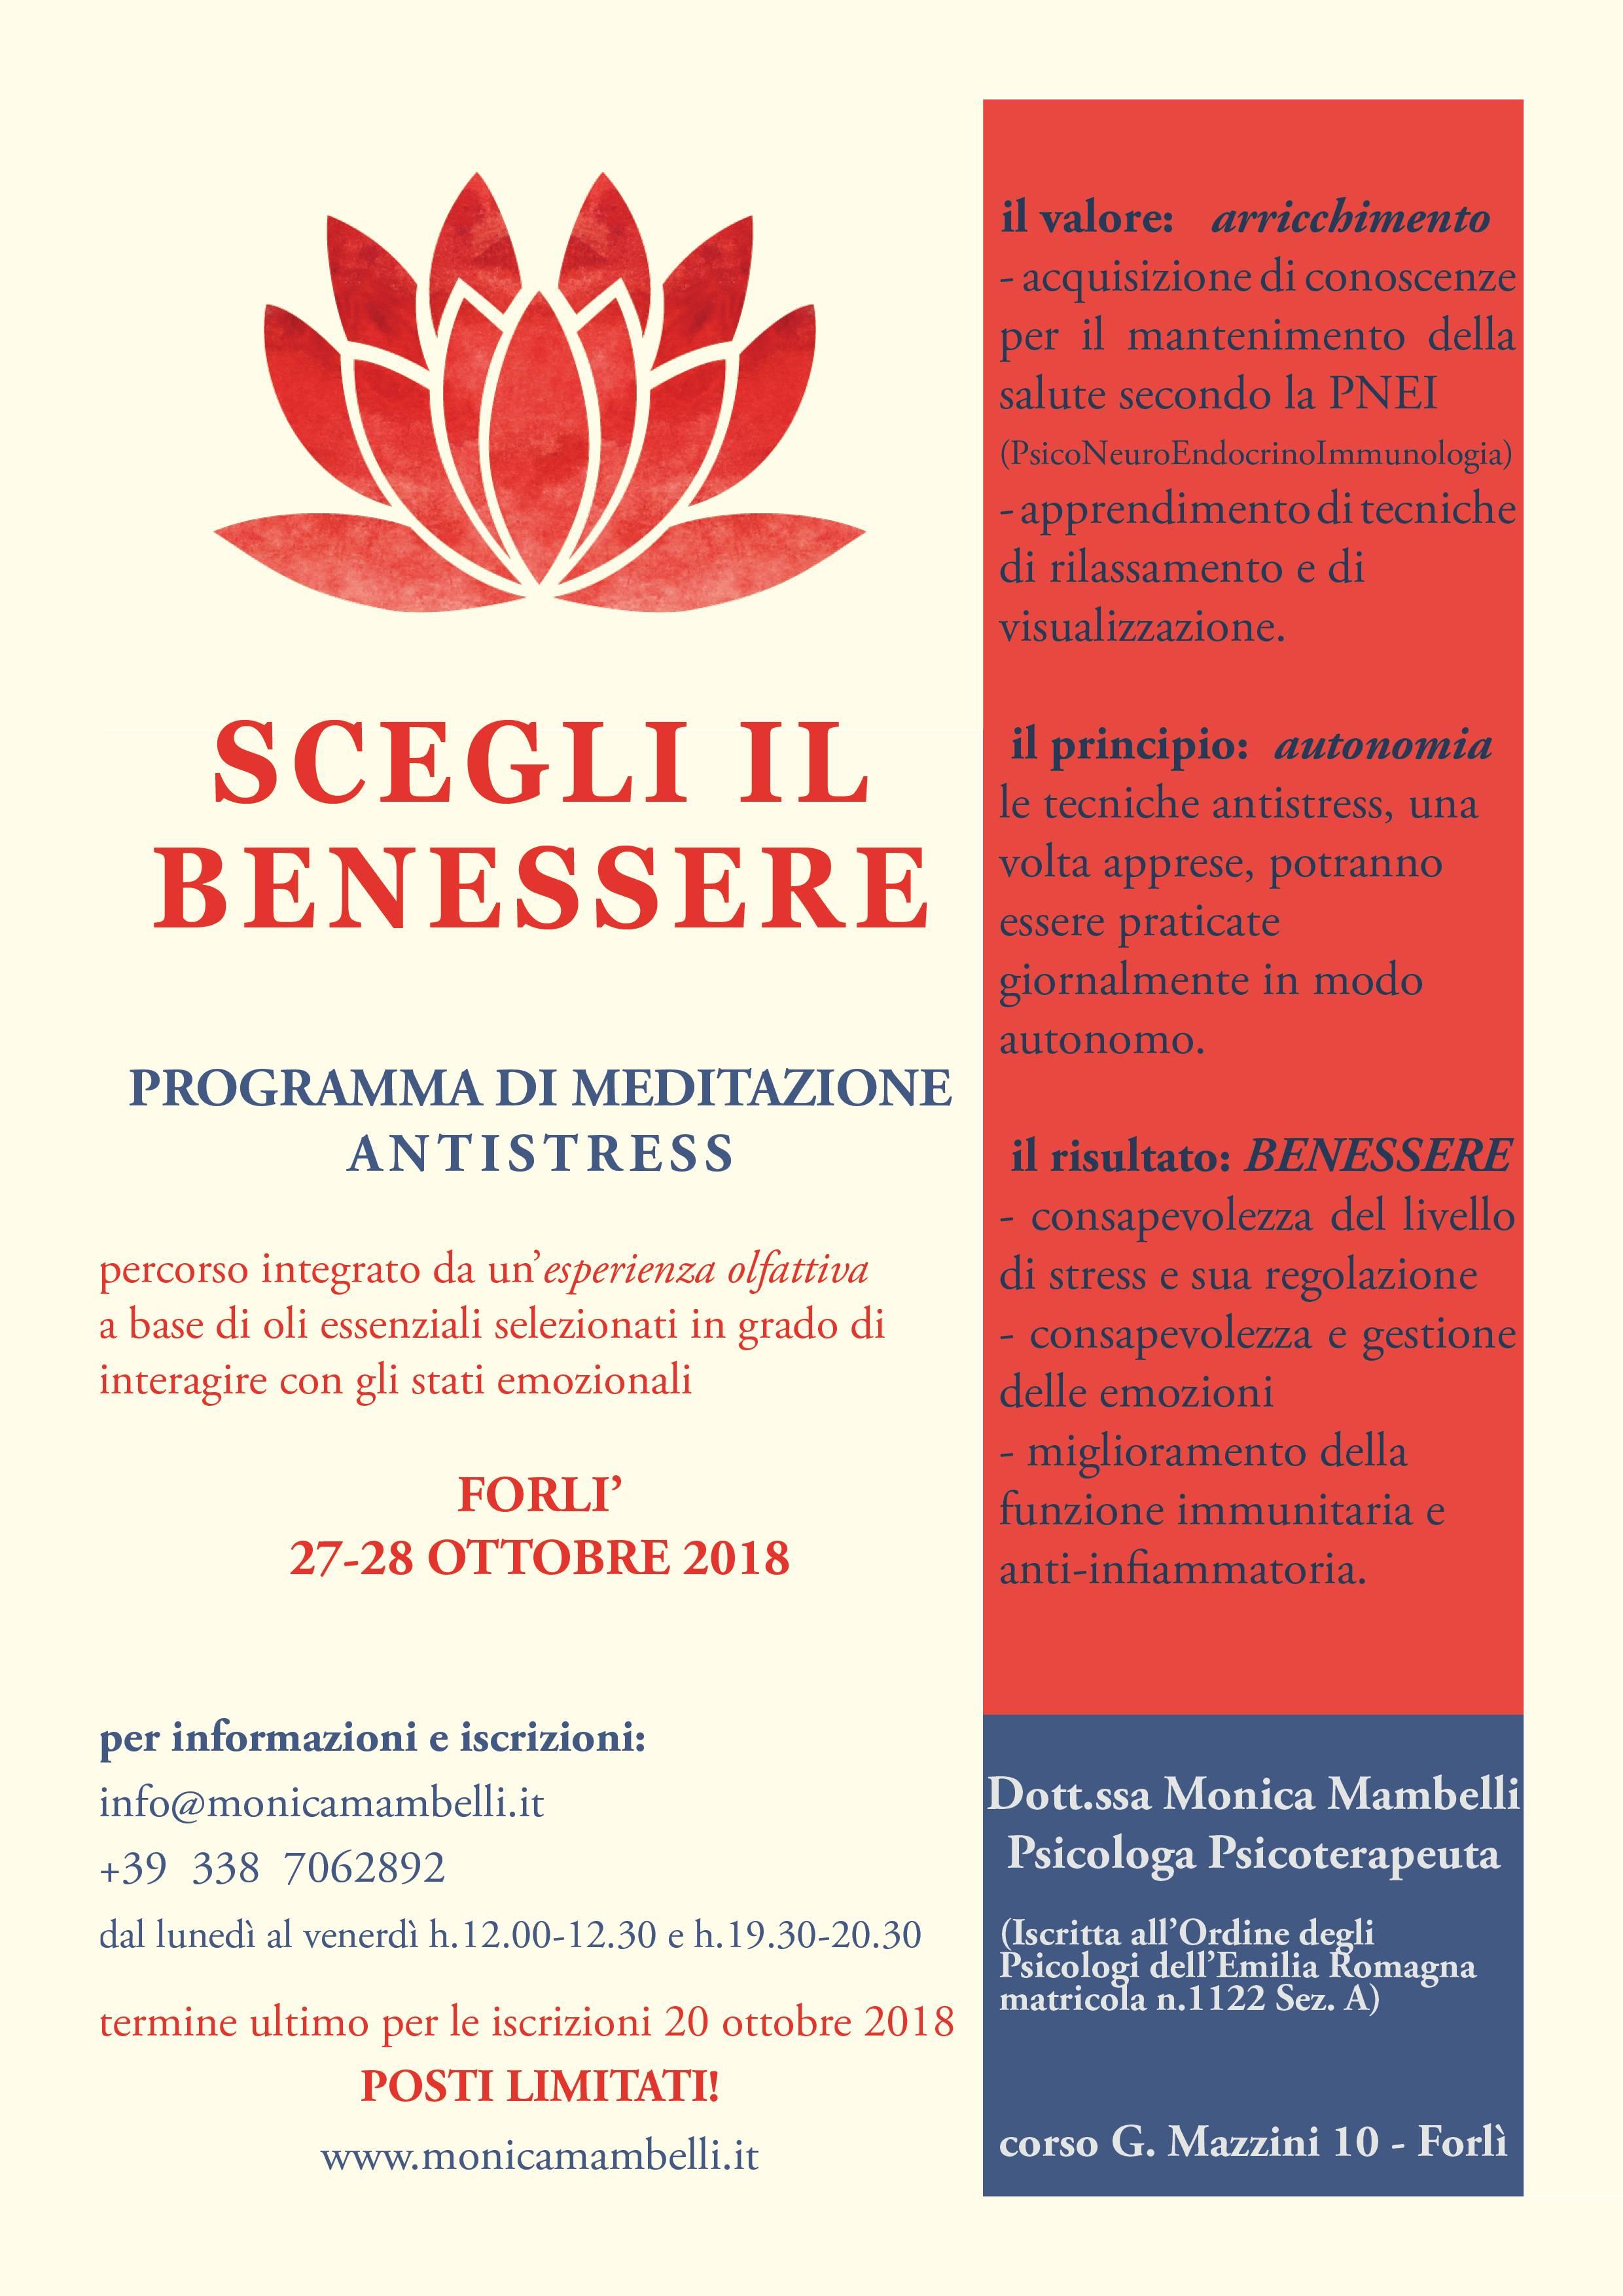 Scegli il benessere. Programma di Meditazione Antistress. 27-28 Ottobre 2018 Forlì